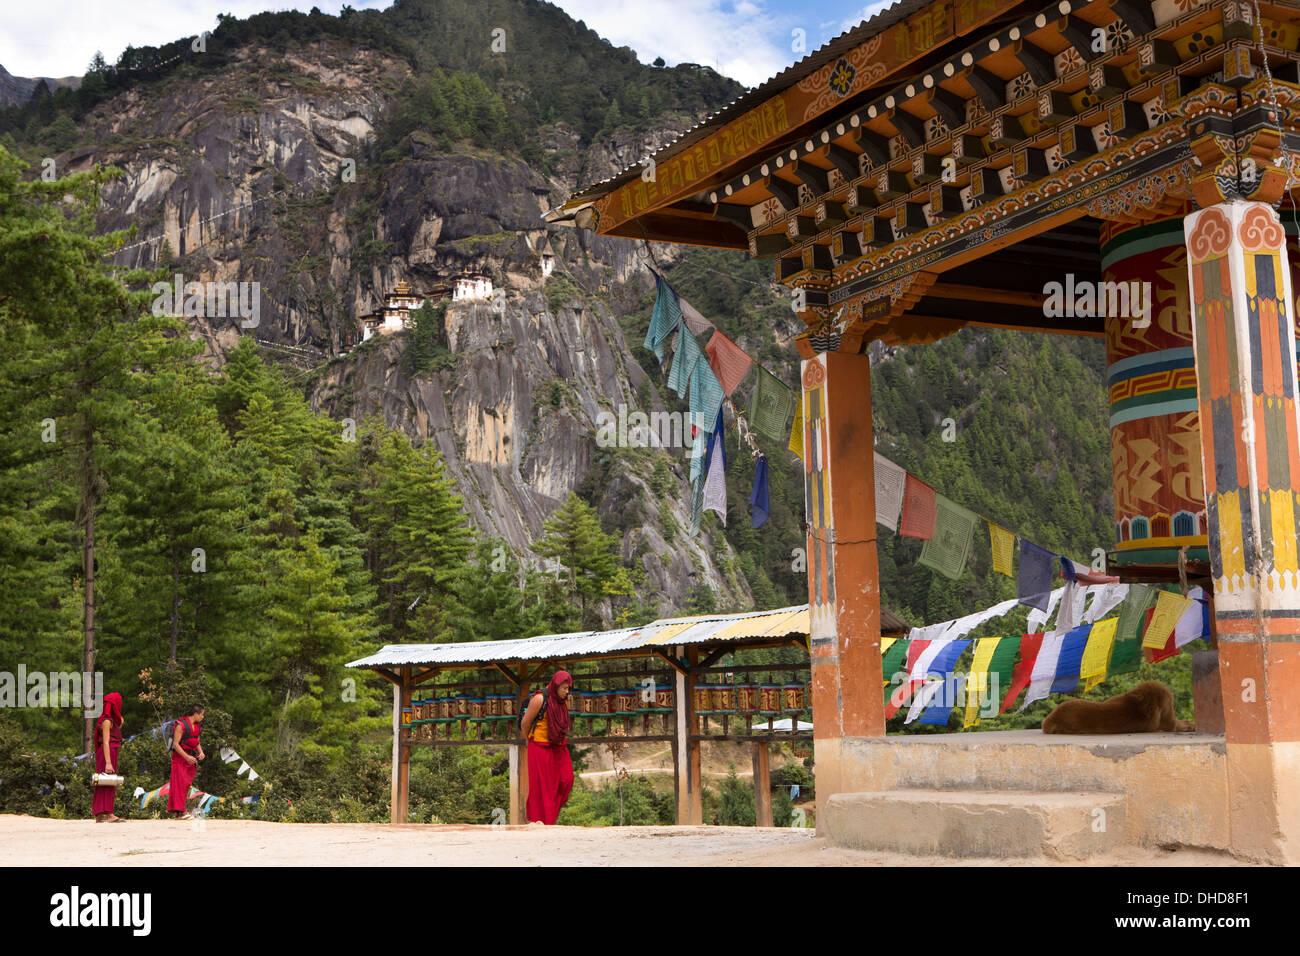 Bhután, Paro valle, monjes de Taktsang (Tiger's Nest) monasterio viewpoint ruedas de oración Foto de stock